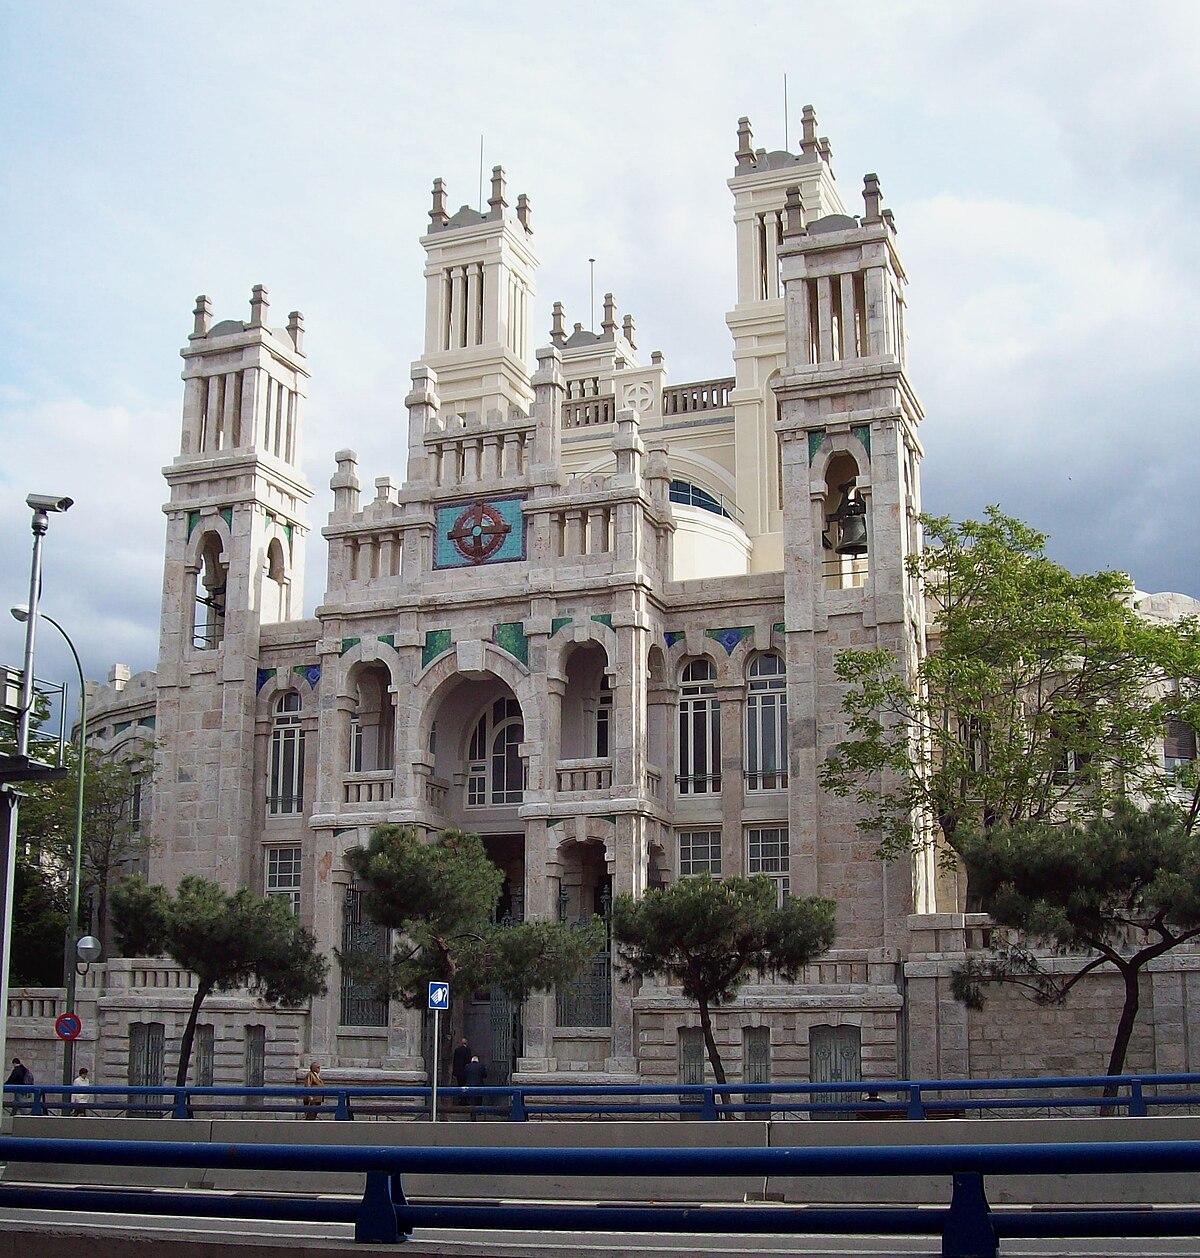 Condado de maudes wikipedia la enciclopedia libre - Arquitectos en espana ...